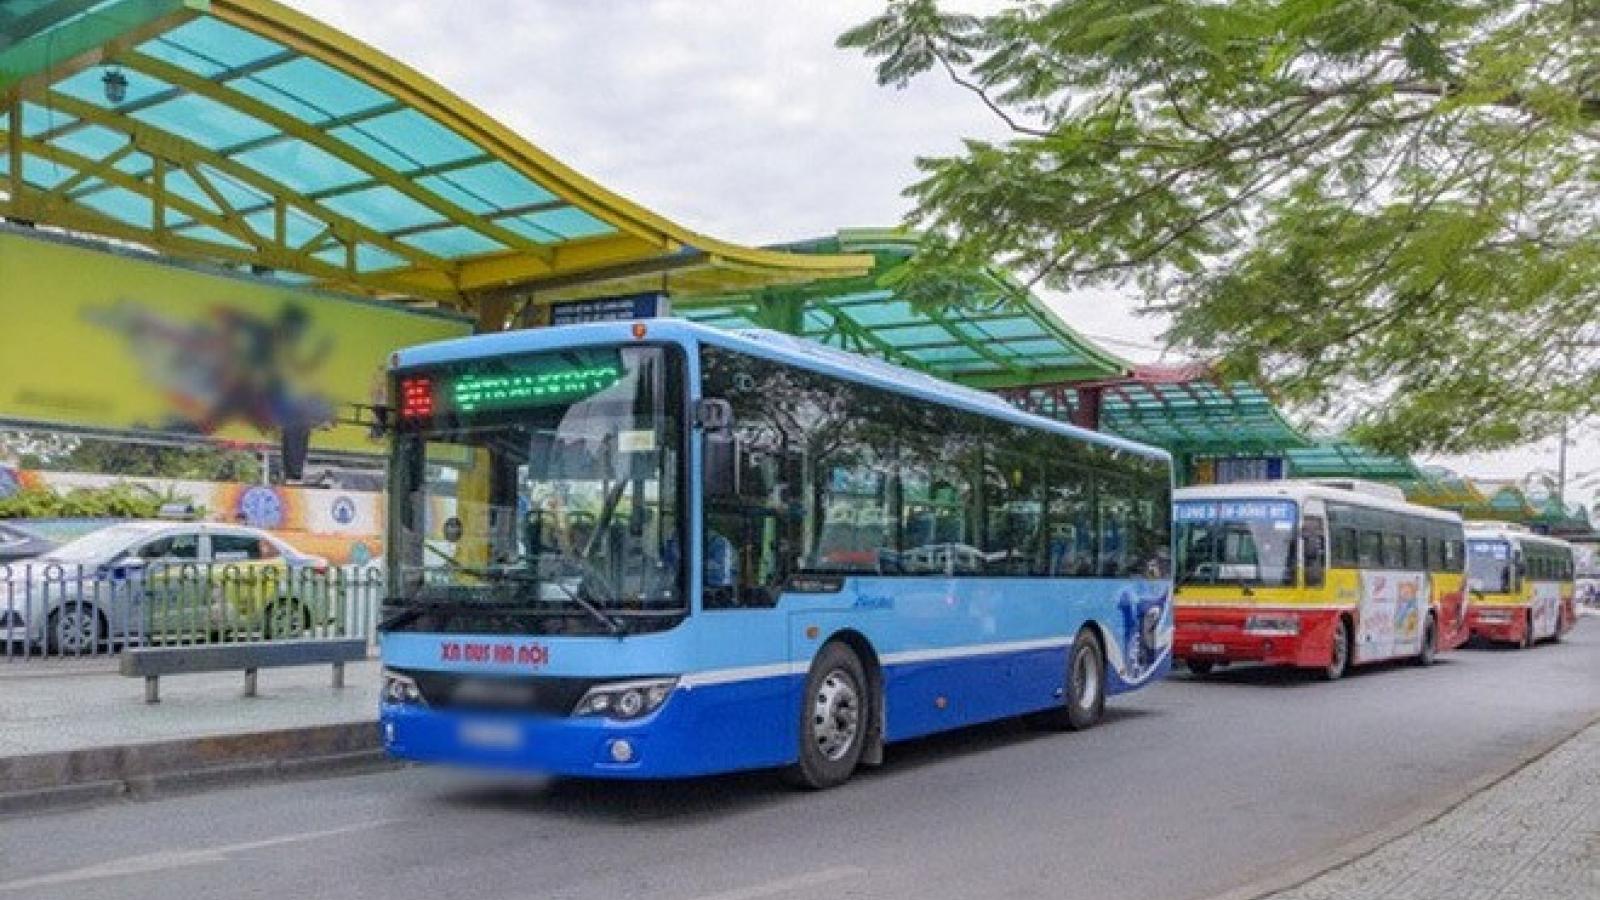 Hà Nội cho phép xe buýt, taxi hoạt động trở lại, quán ăn được phục vụ tại chỗ